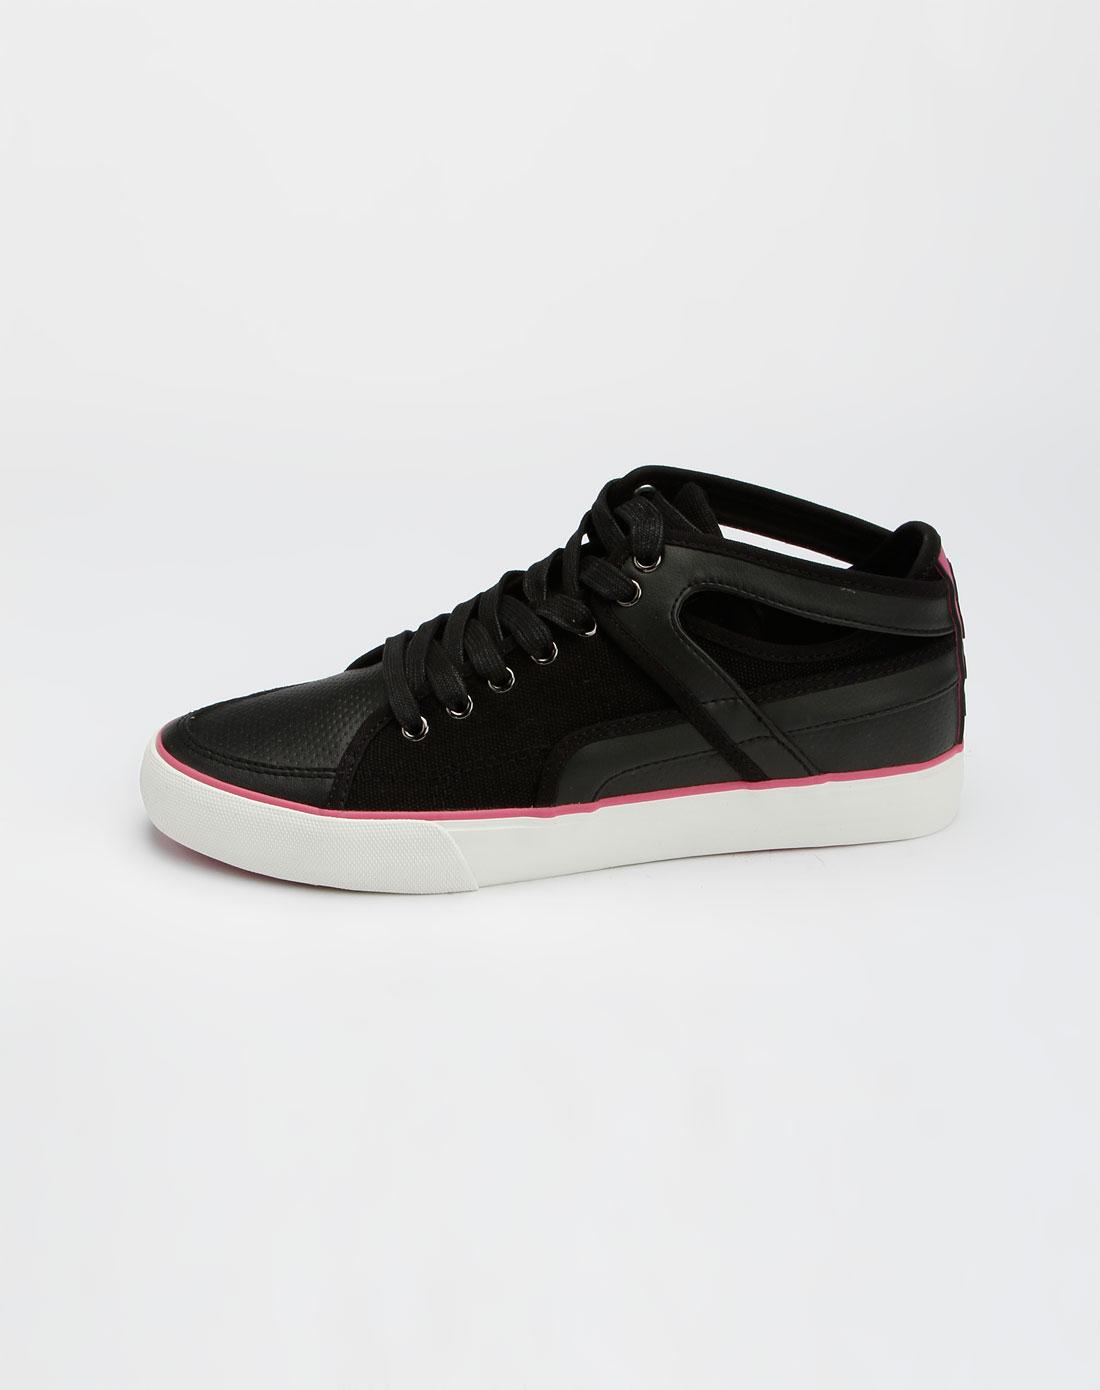 卡帕kappa男装专场-黑色时尚简约运动鞋